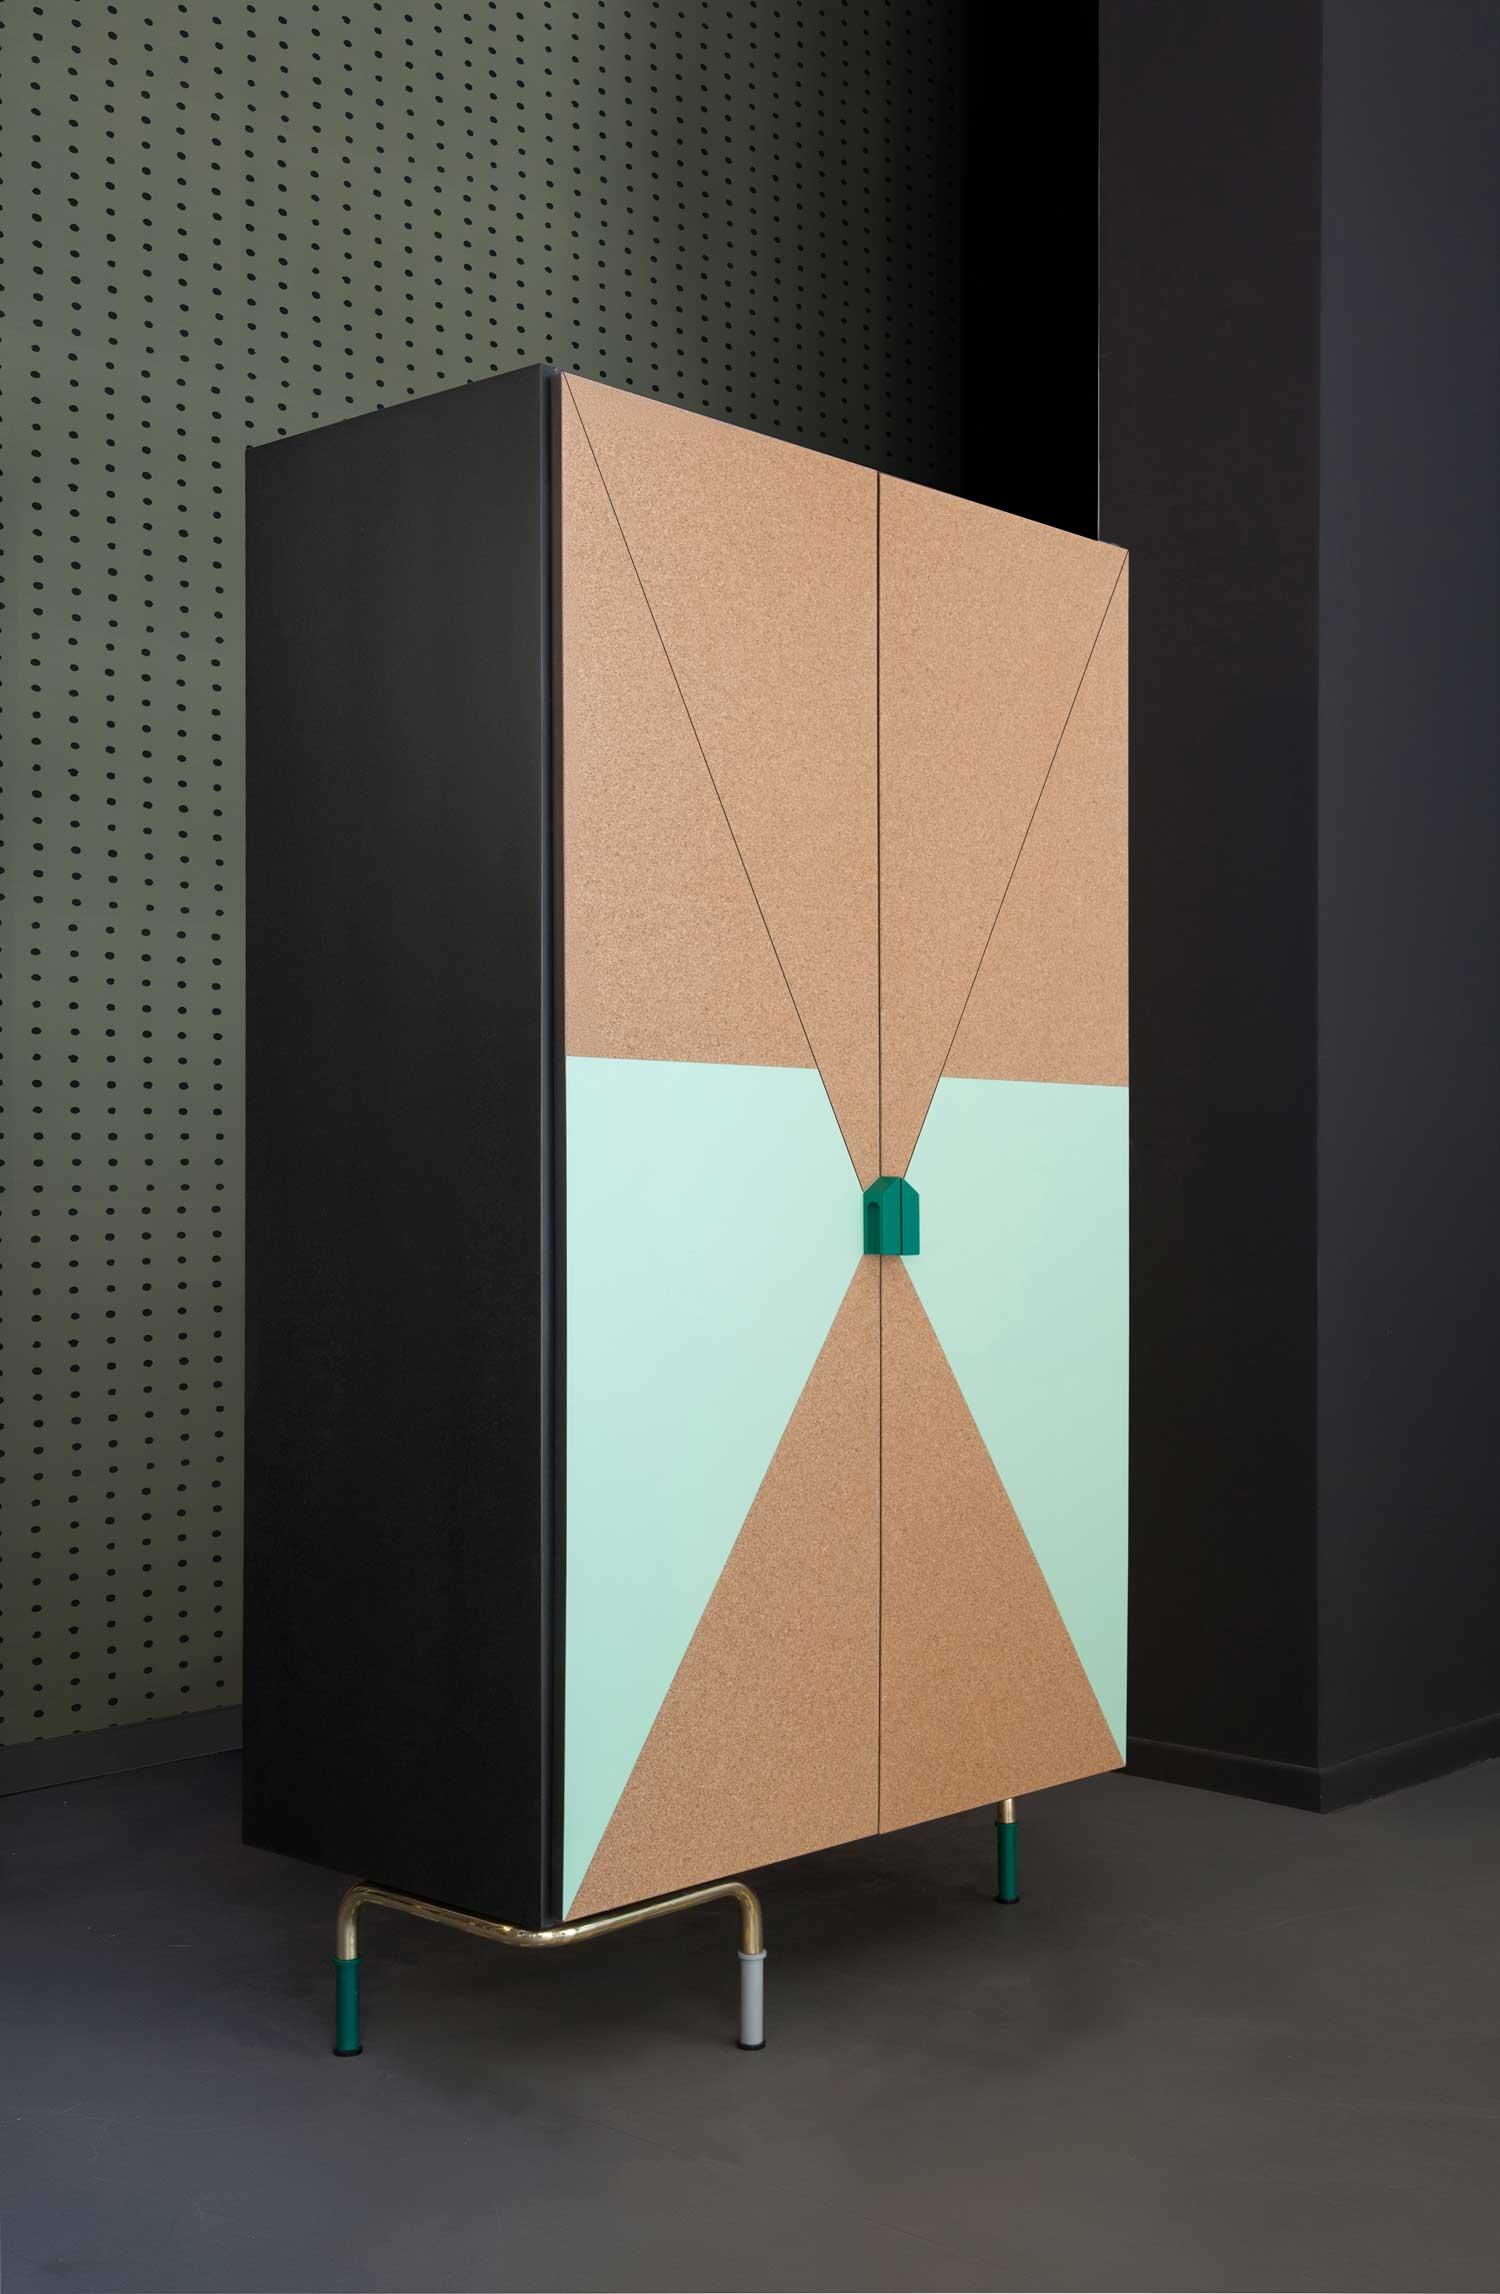 Cose Da Bocia Kids Furniture by Andrea Marcante + Adelaide Testa of Uda Architetti | Yellowtrace